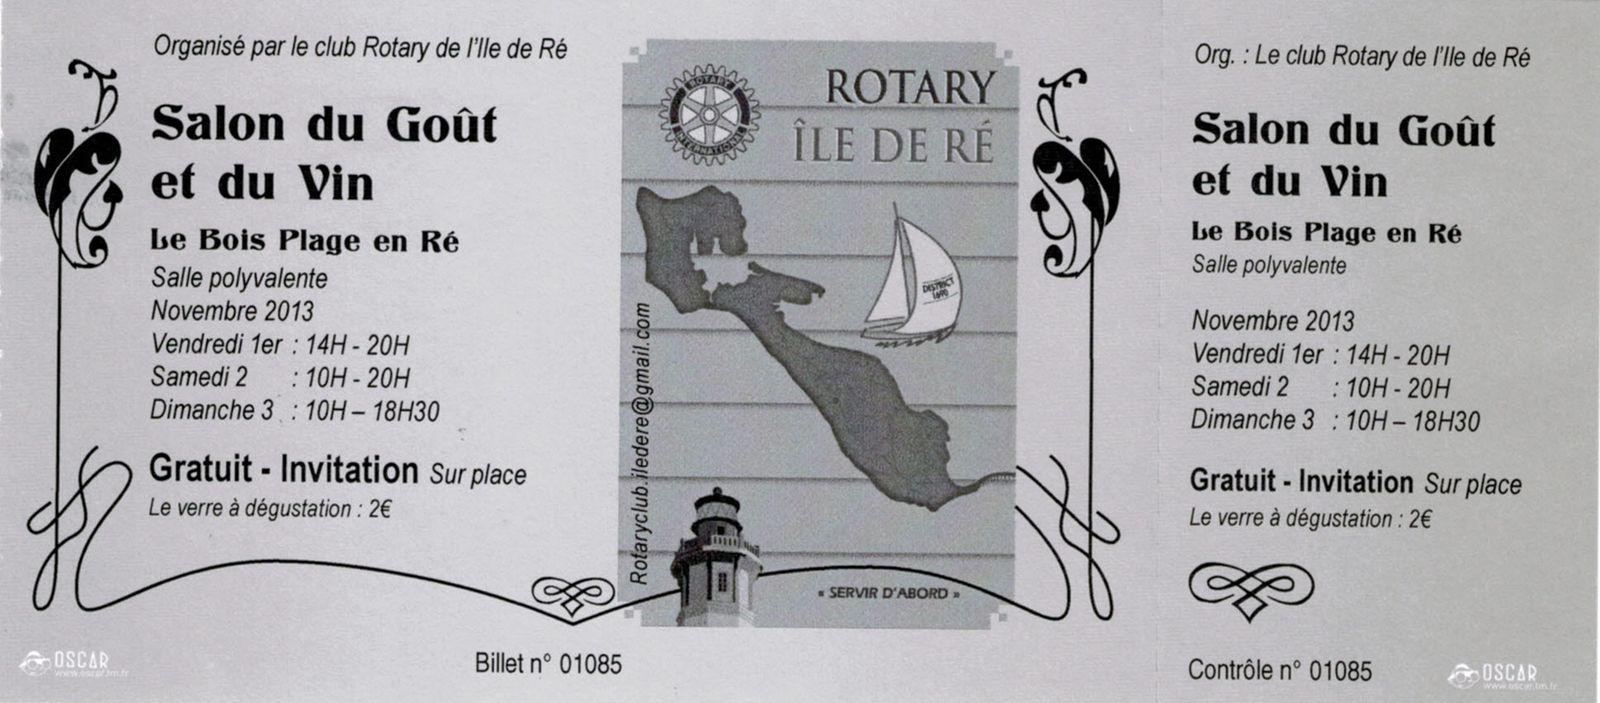 Salon du Gout et du Vin de l'Île de Ré